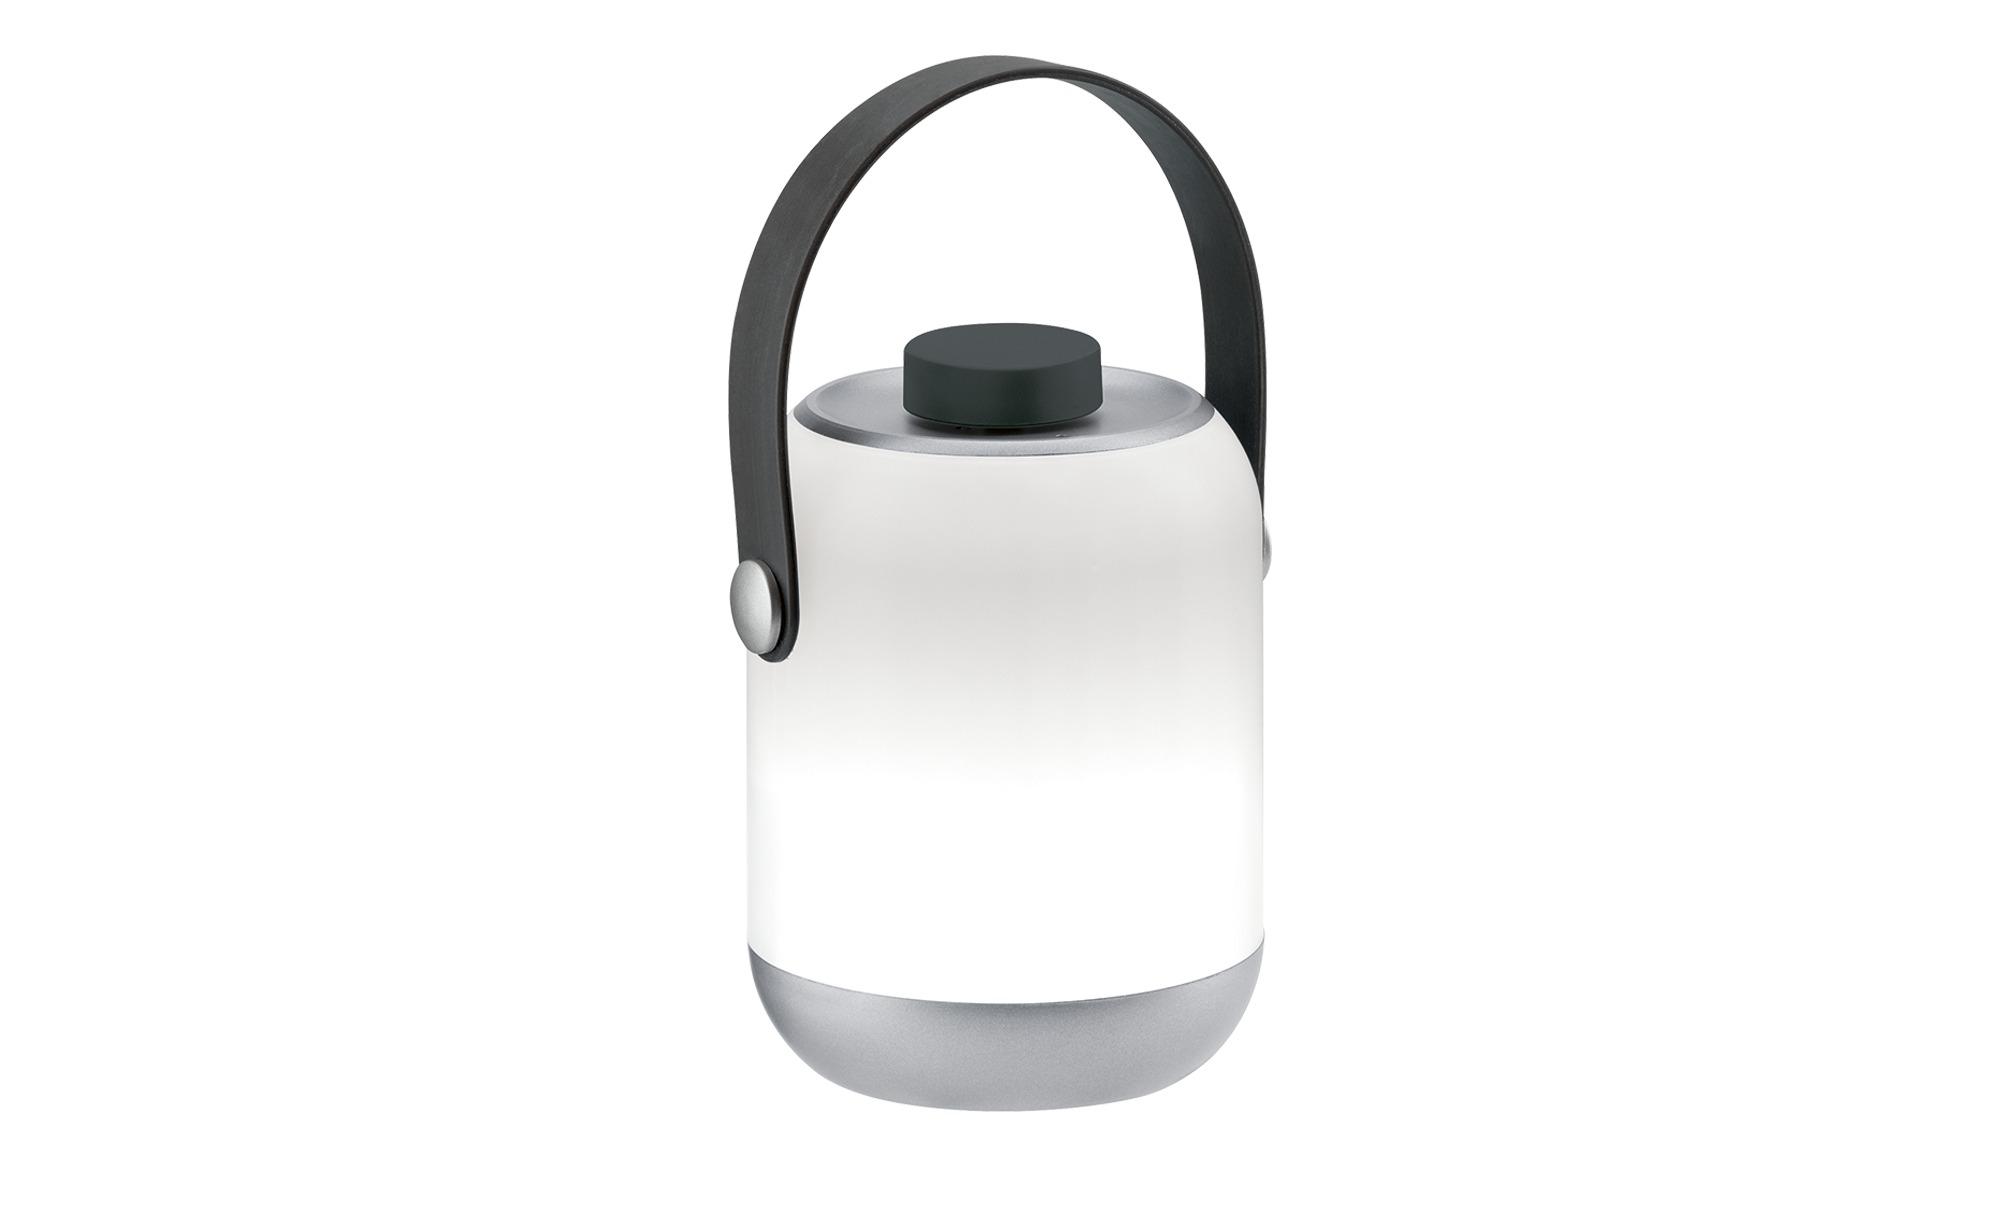 Mobile Außentischleuchte  Clutch ¦ silber ¦ Maße (cm): H: 12 Ø: 8.5 Garten > Gartenzubehör > Außenleuchten - Höffner | Lampen > Tischleuchten > Beistelltischlampen | Möbel Höffner DE